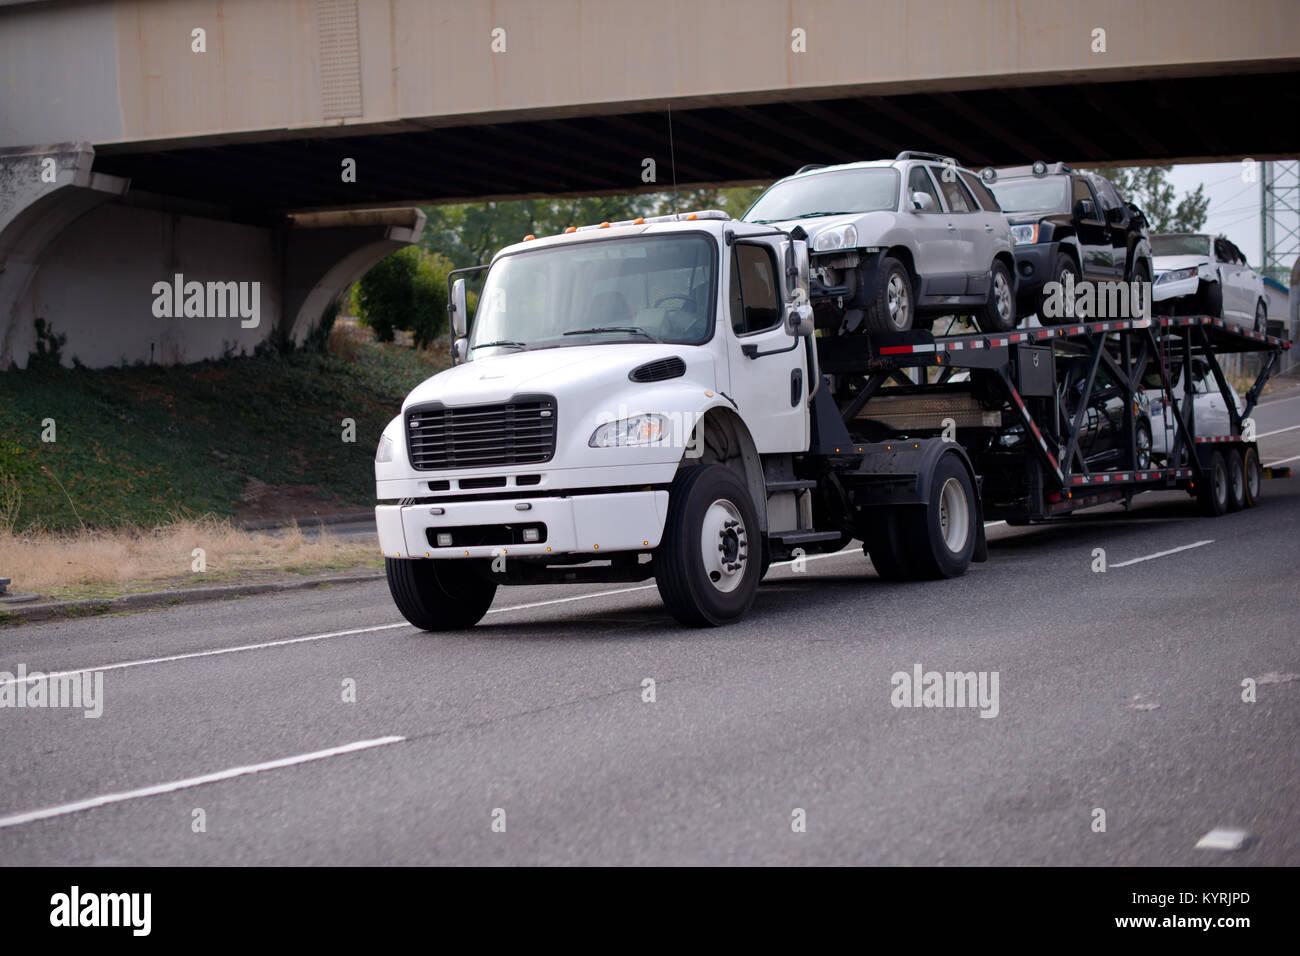 Car Hauler Stock Photos & Car Hauler Stock Images - Alamy